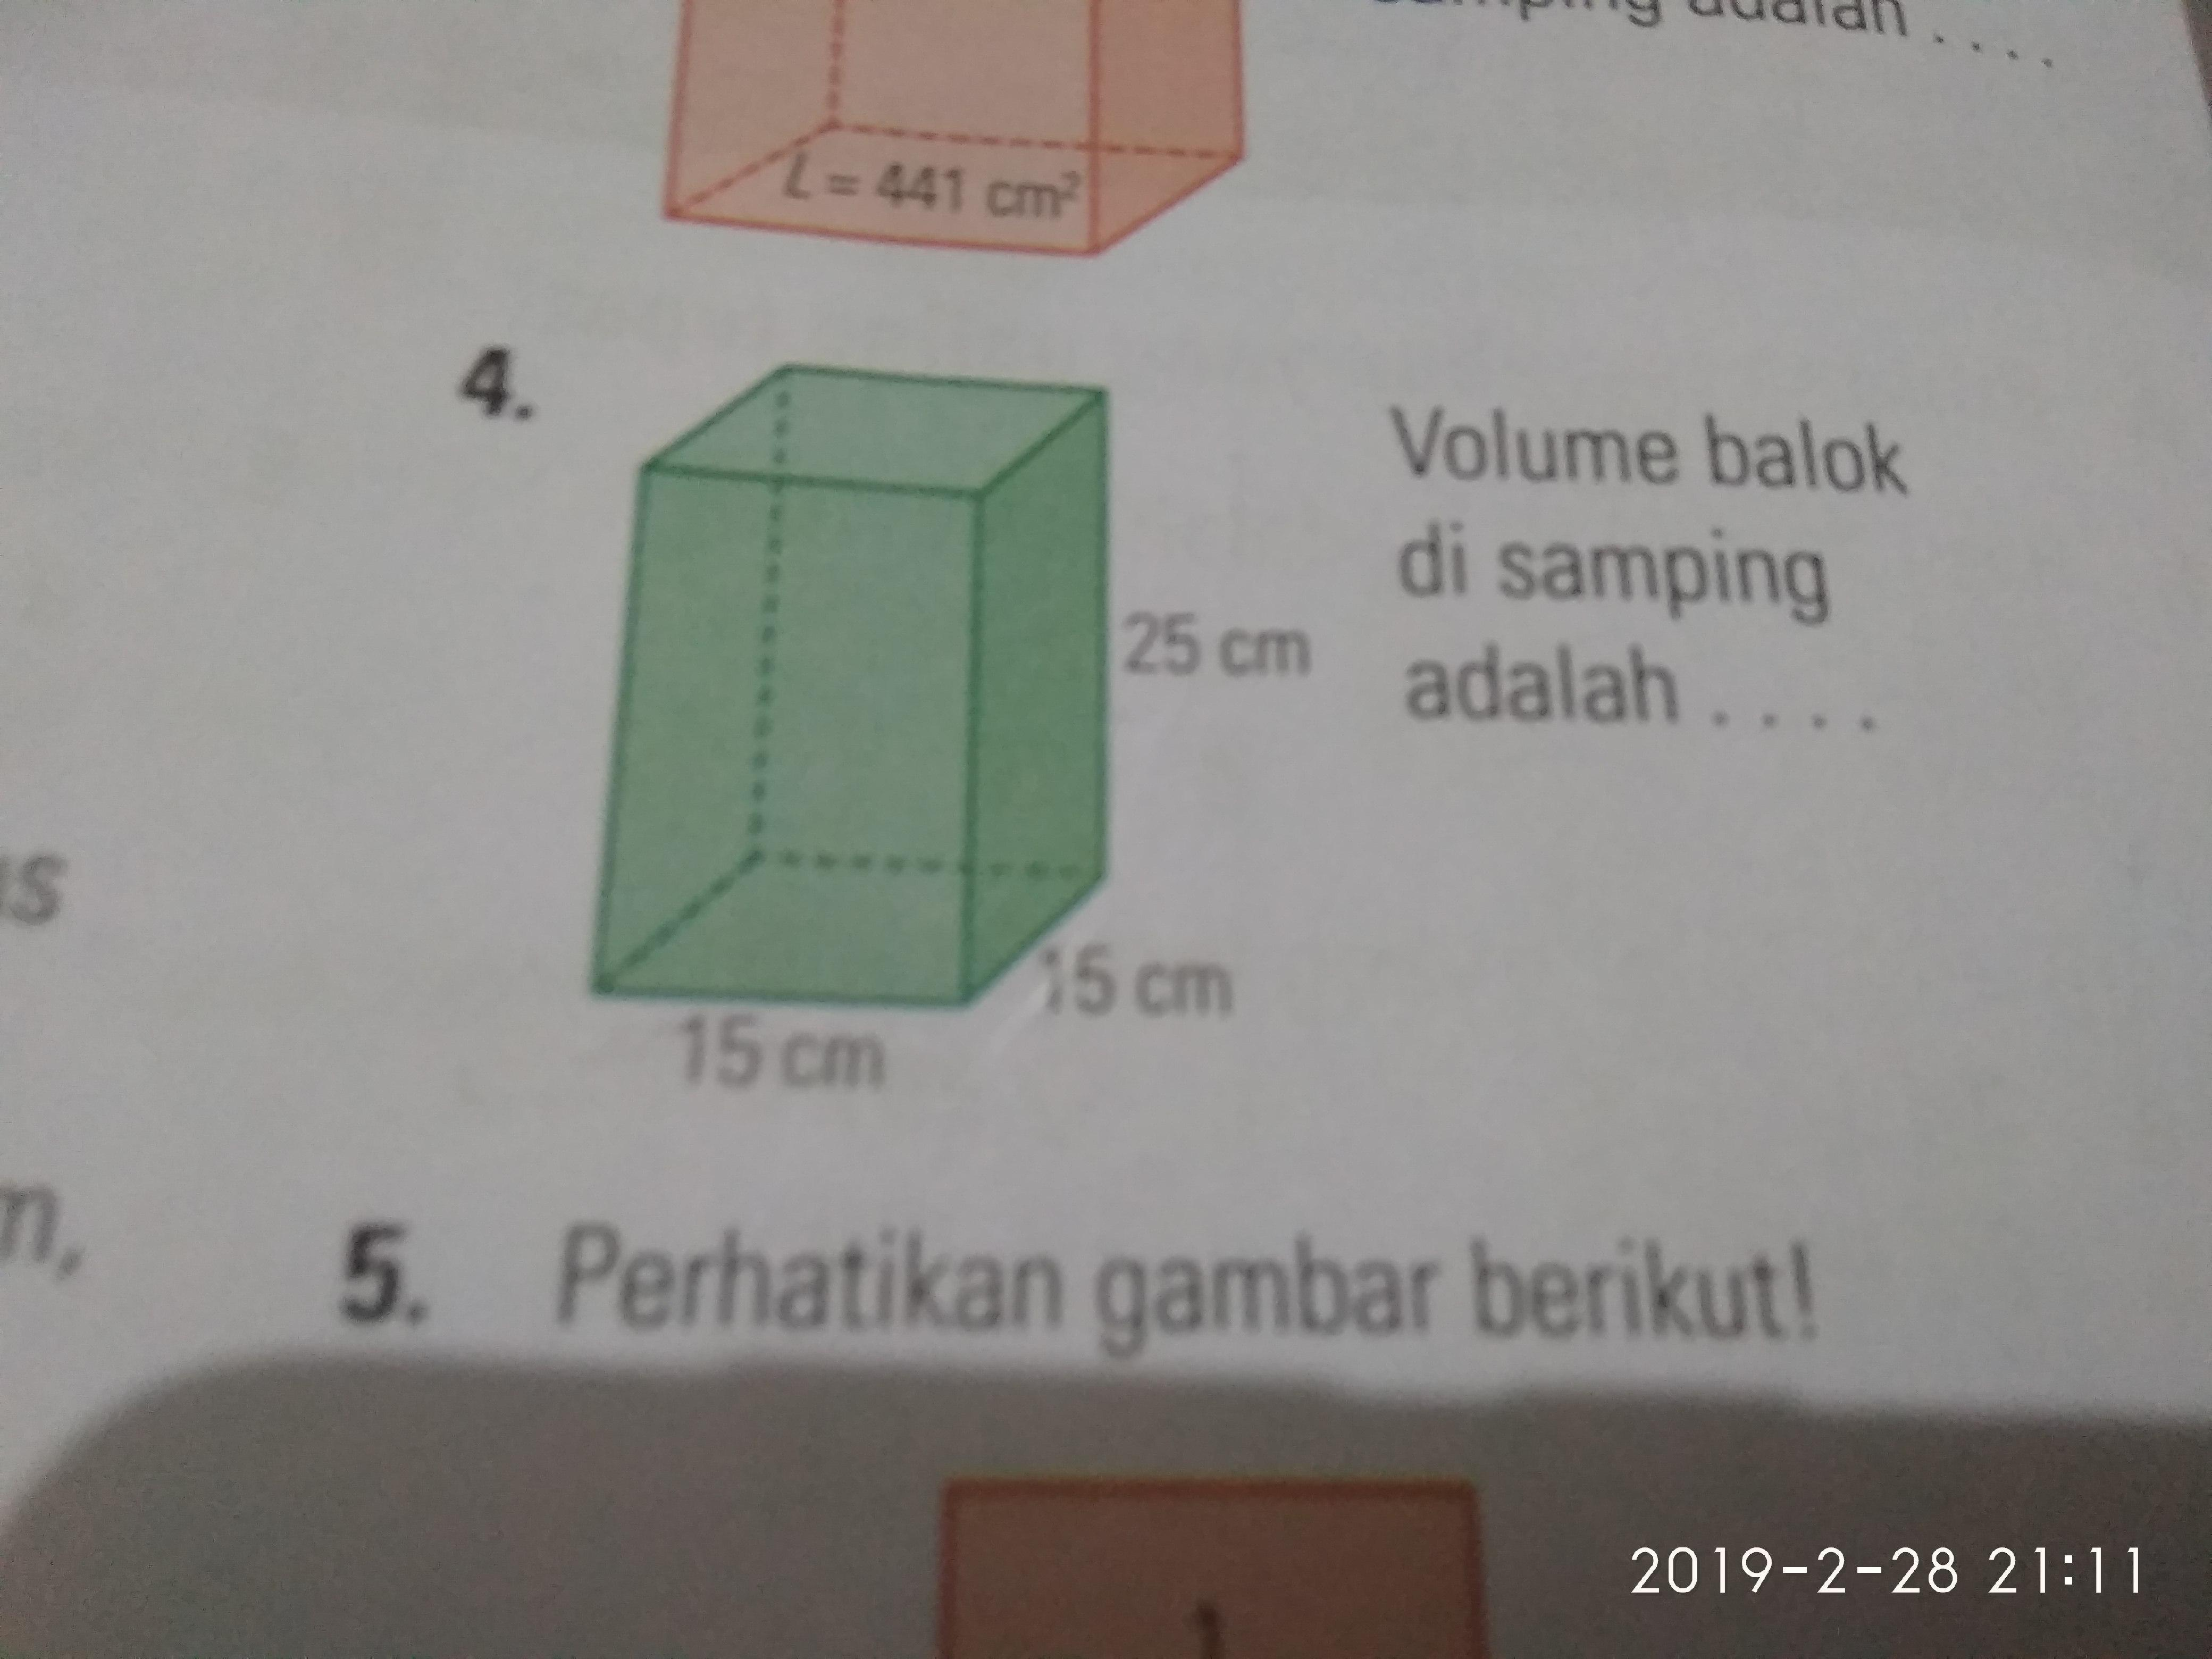 1. Volume balok disamping adalah 2. Jika nomor 2 merupakan ...